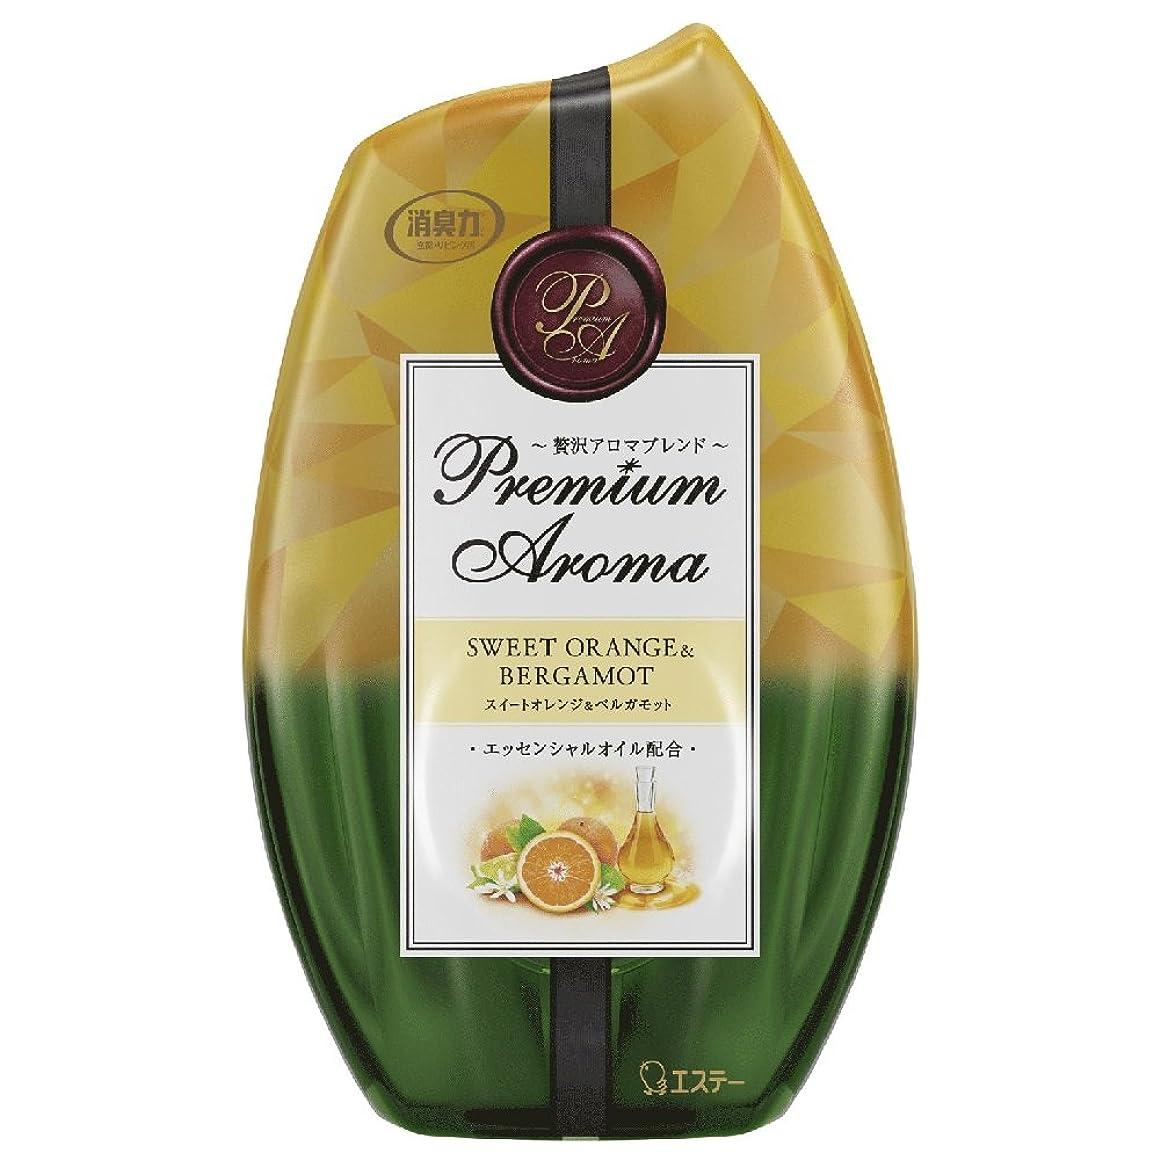 電話に出る構造オデュッセウスお部屋の消臭力 プレミアムアロマ Premium Aroma 消臭芳香剤 部屋用 部屋 スイートオレンジ&ベルガモットの香り 400ml